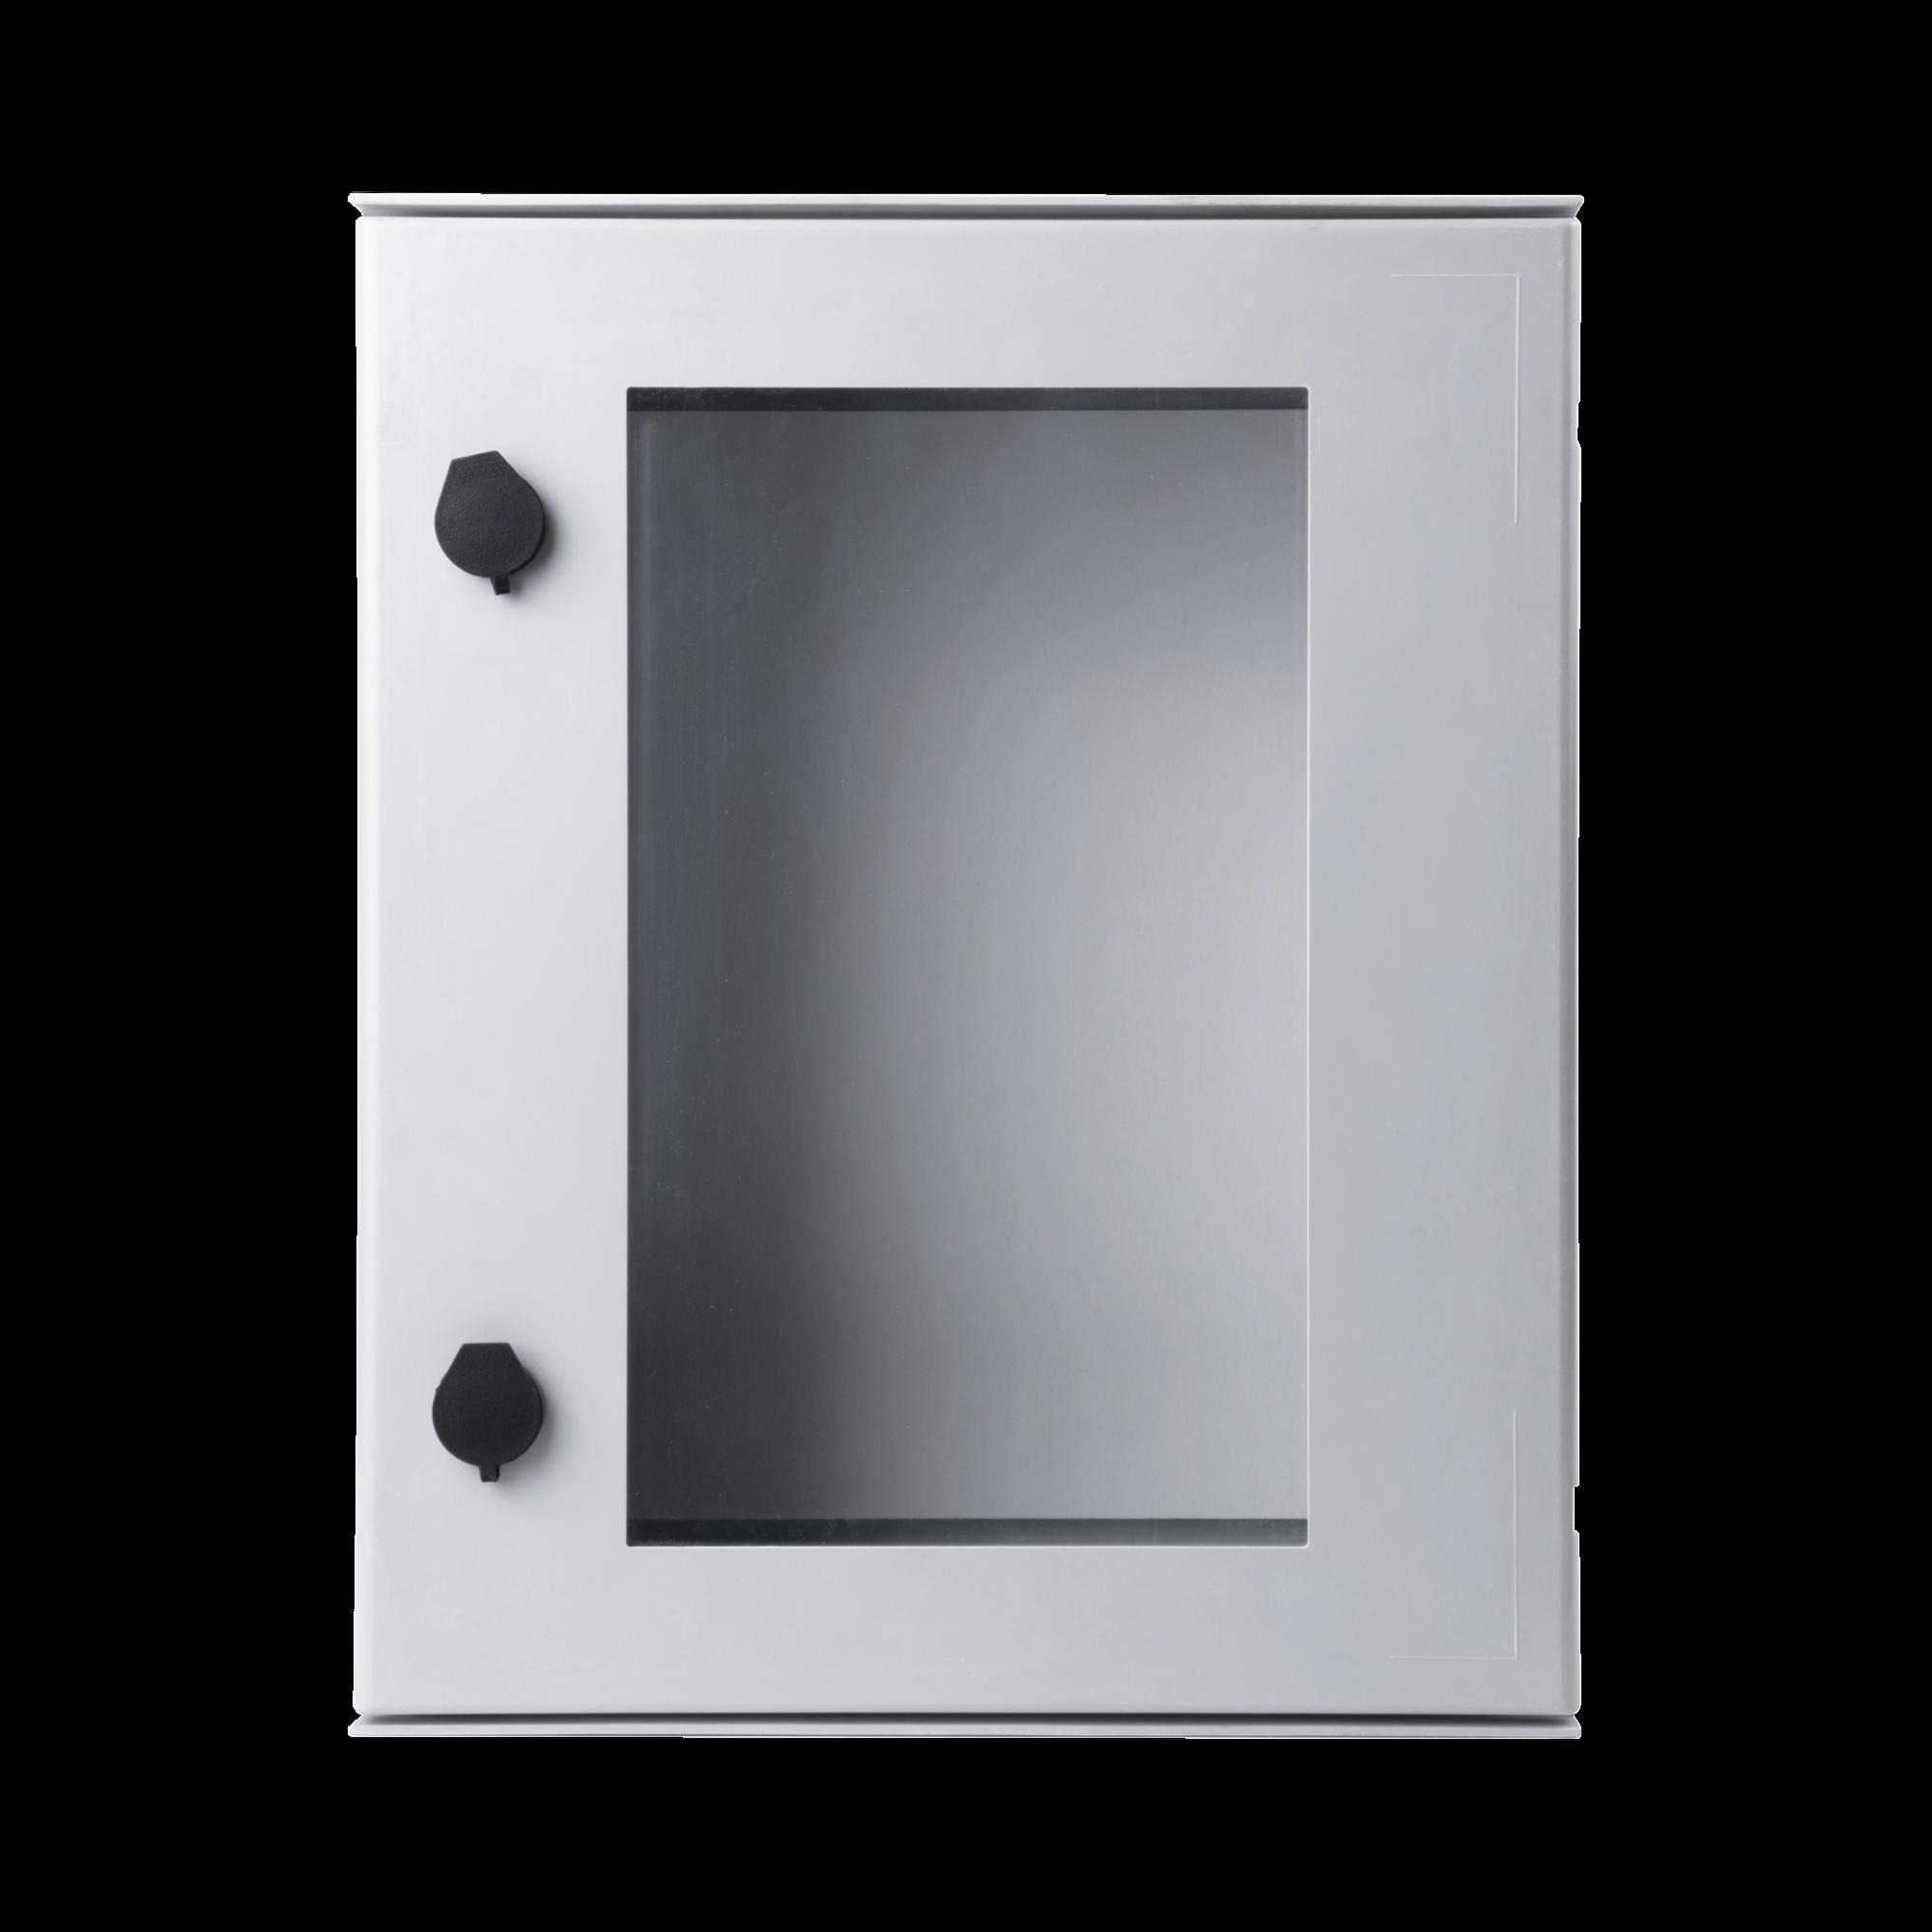 Gabinete de Poliéster IP65 Puerta Transparente, Uso en Intemperie (400 x 500 x 200 mm) con Placa Trasera Interior (Incluye Chapa y Llave).